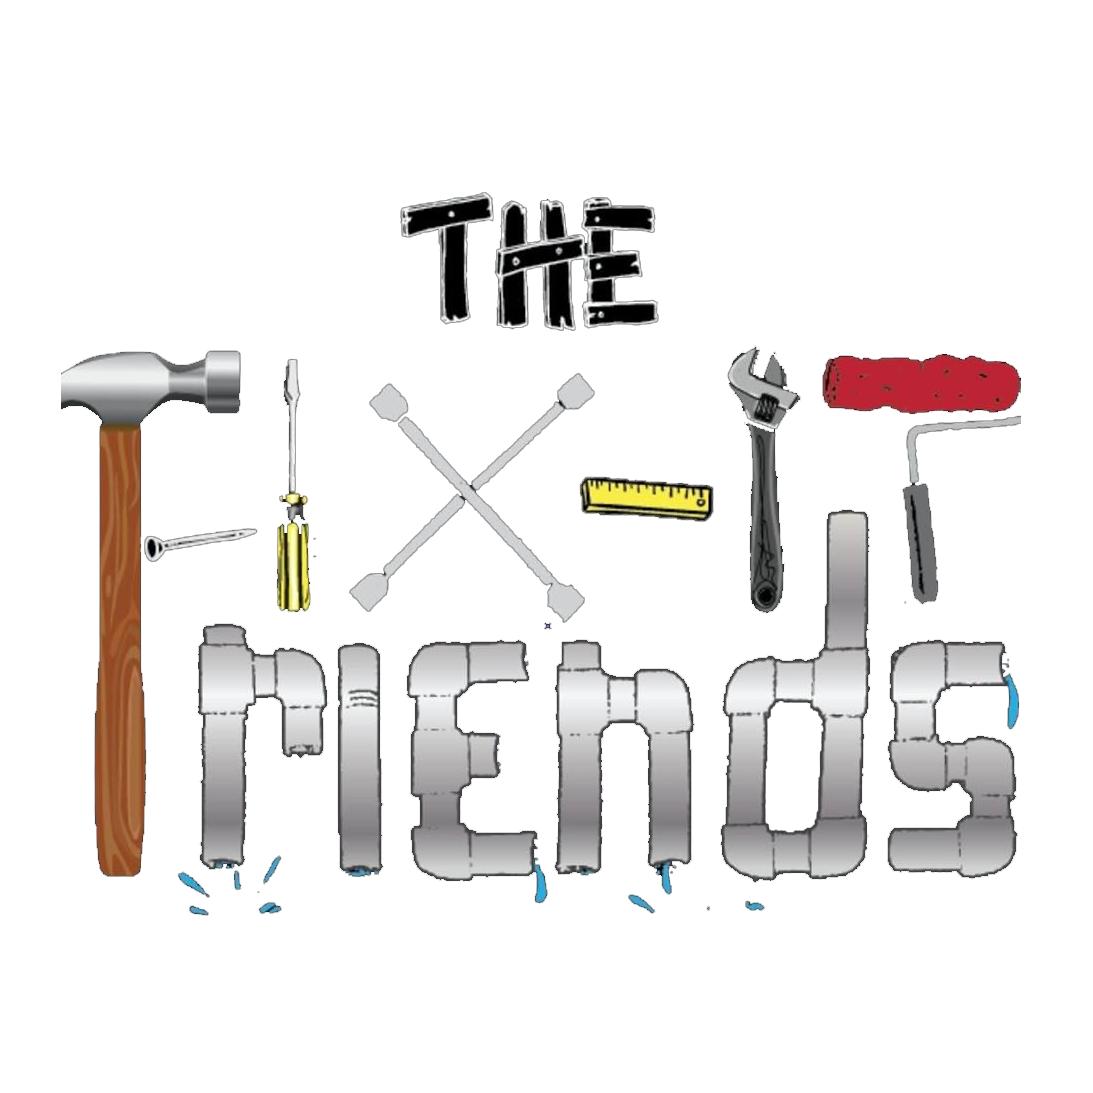 The Fix It Friends